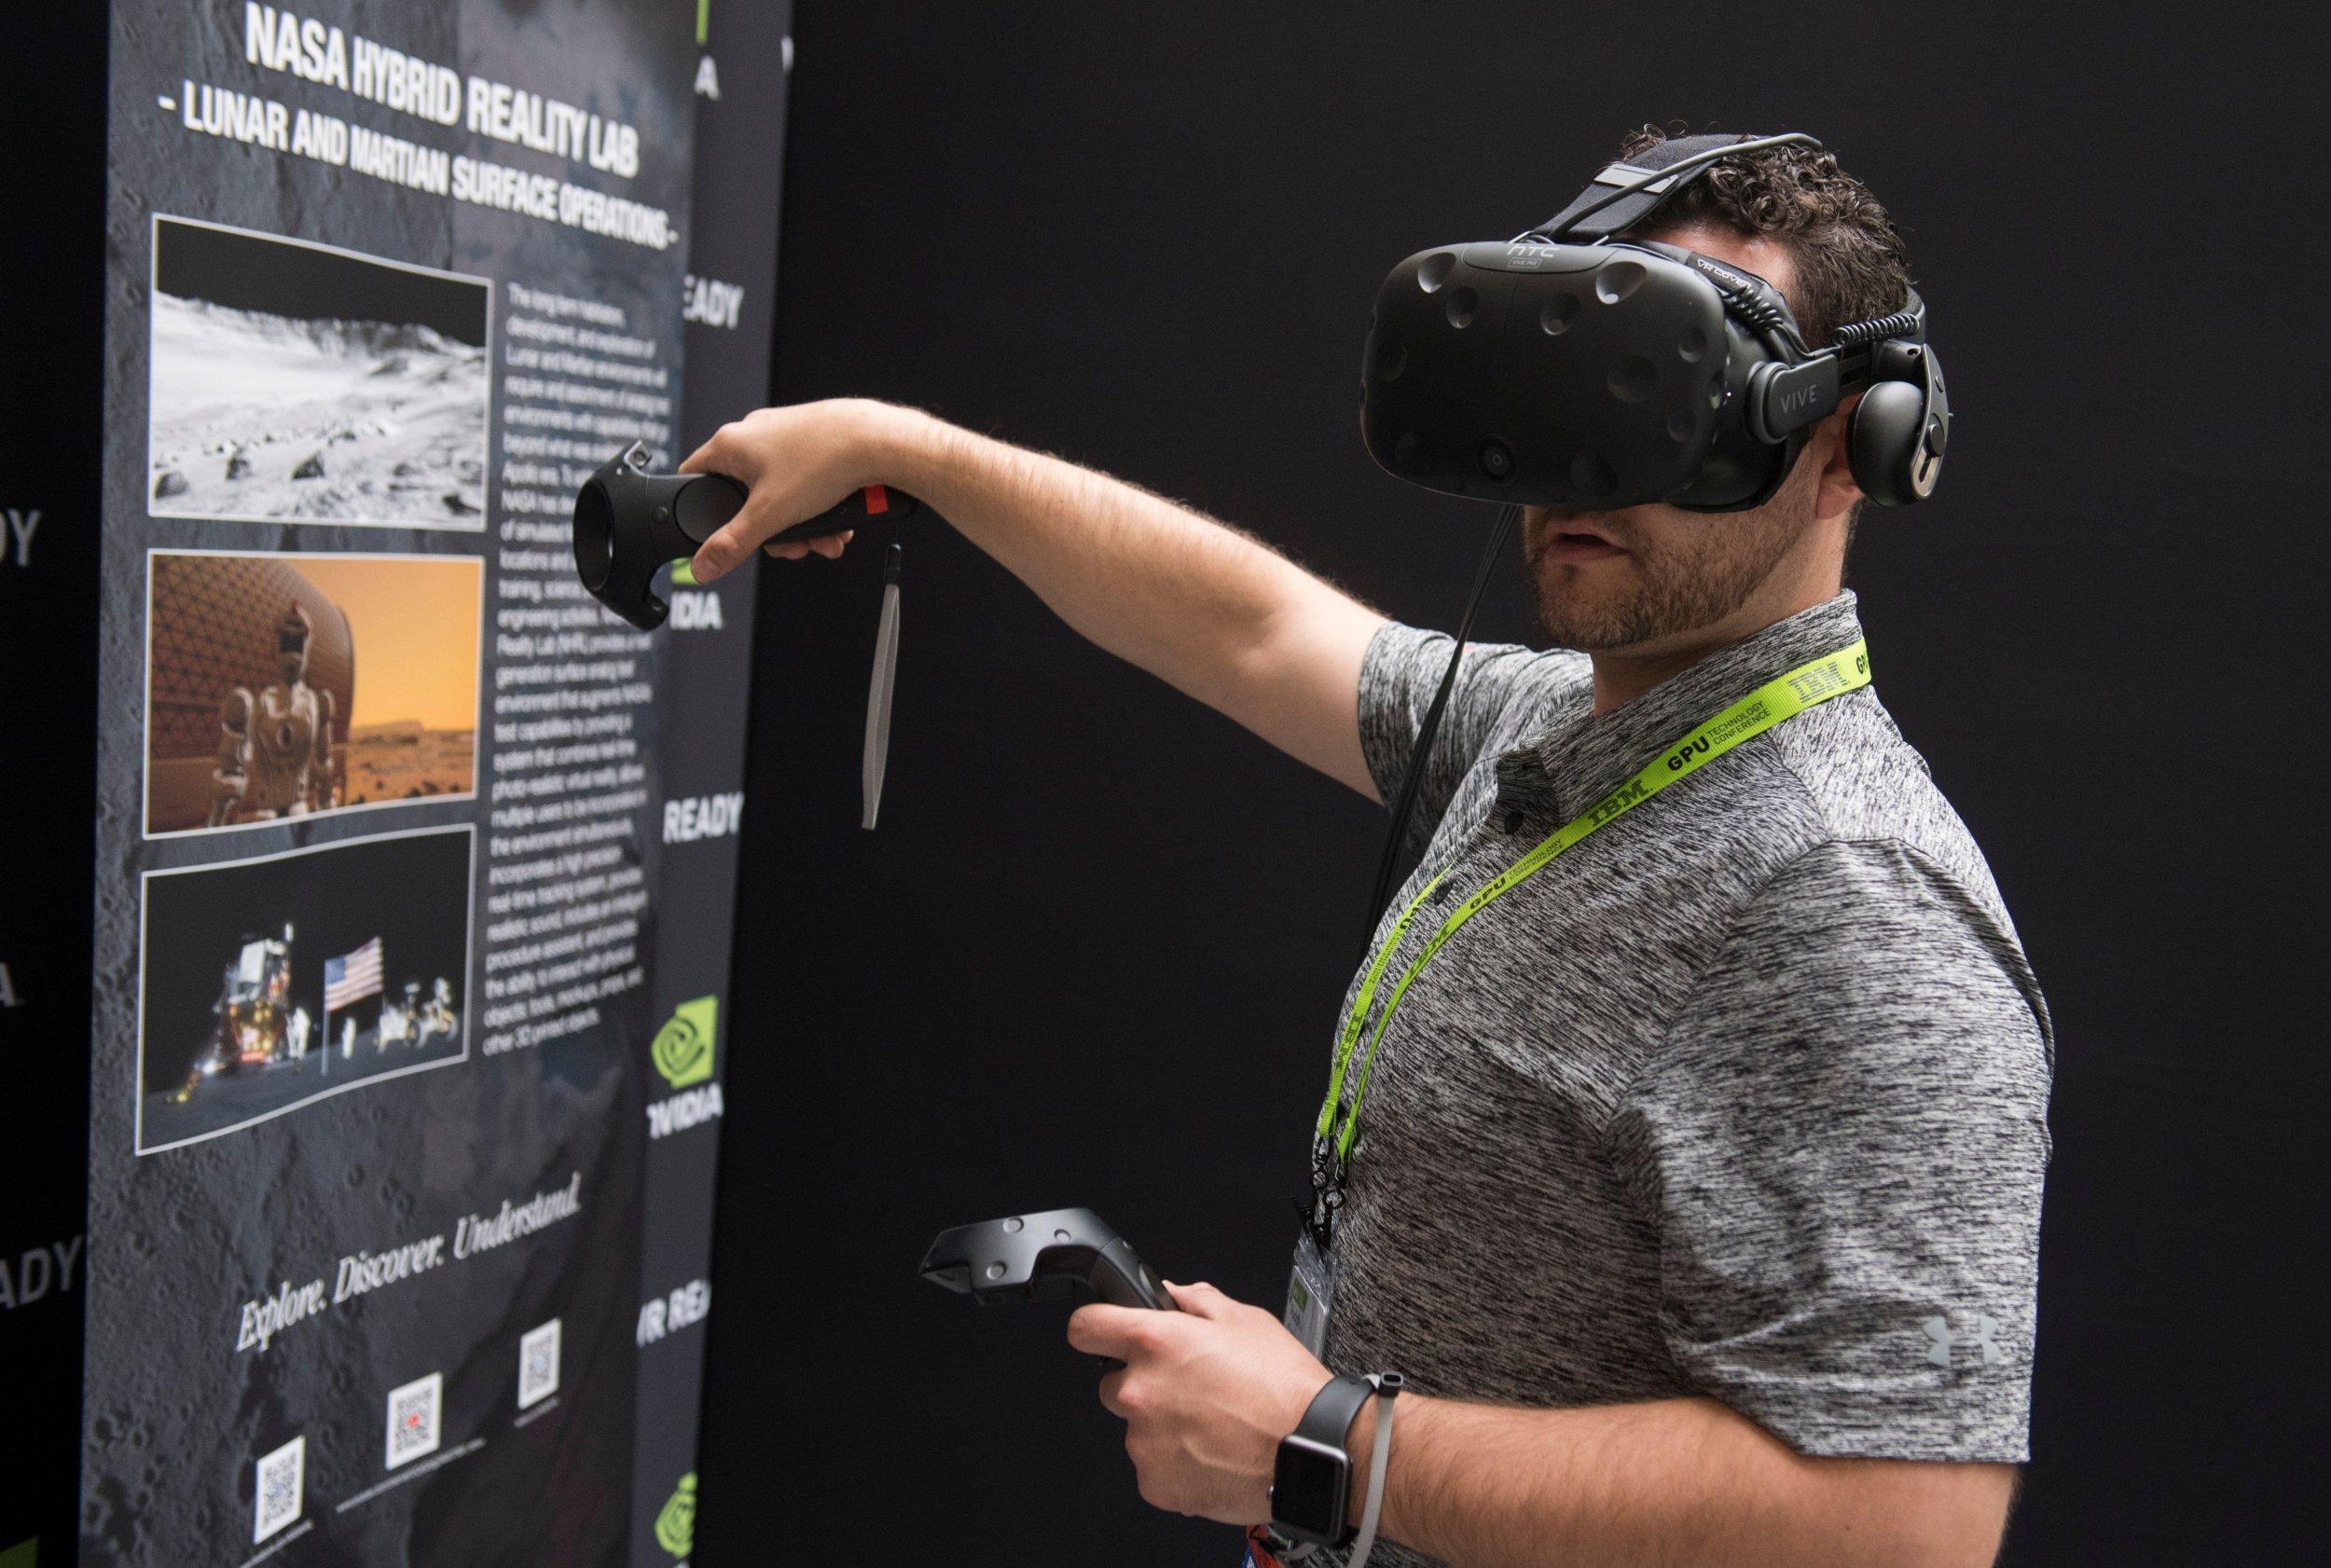 11_25_NASA virtual reality